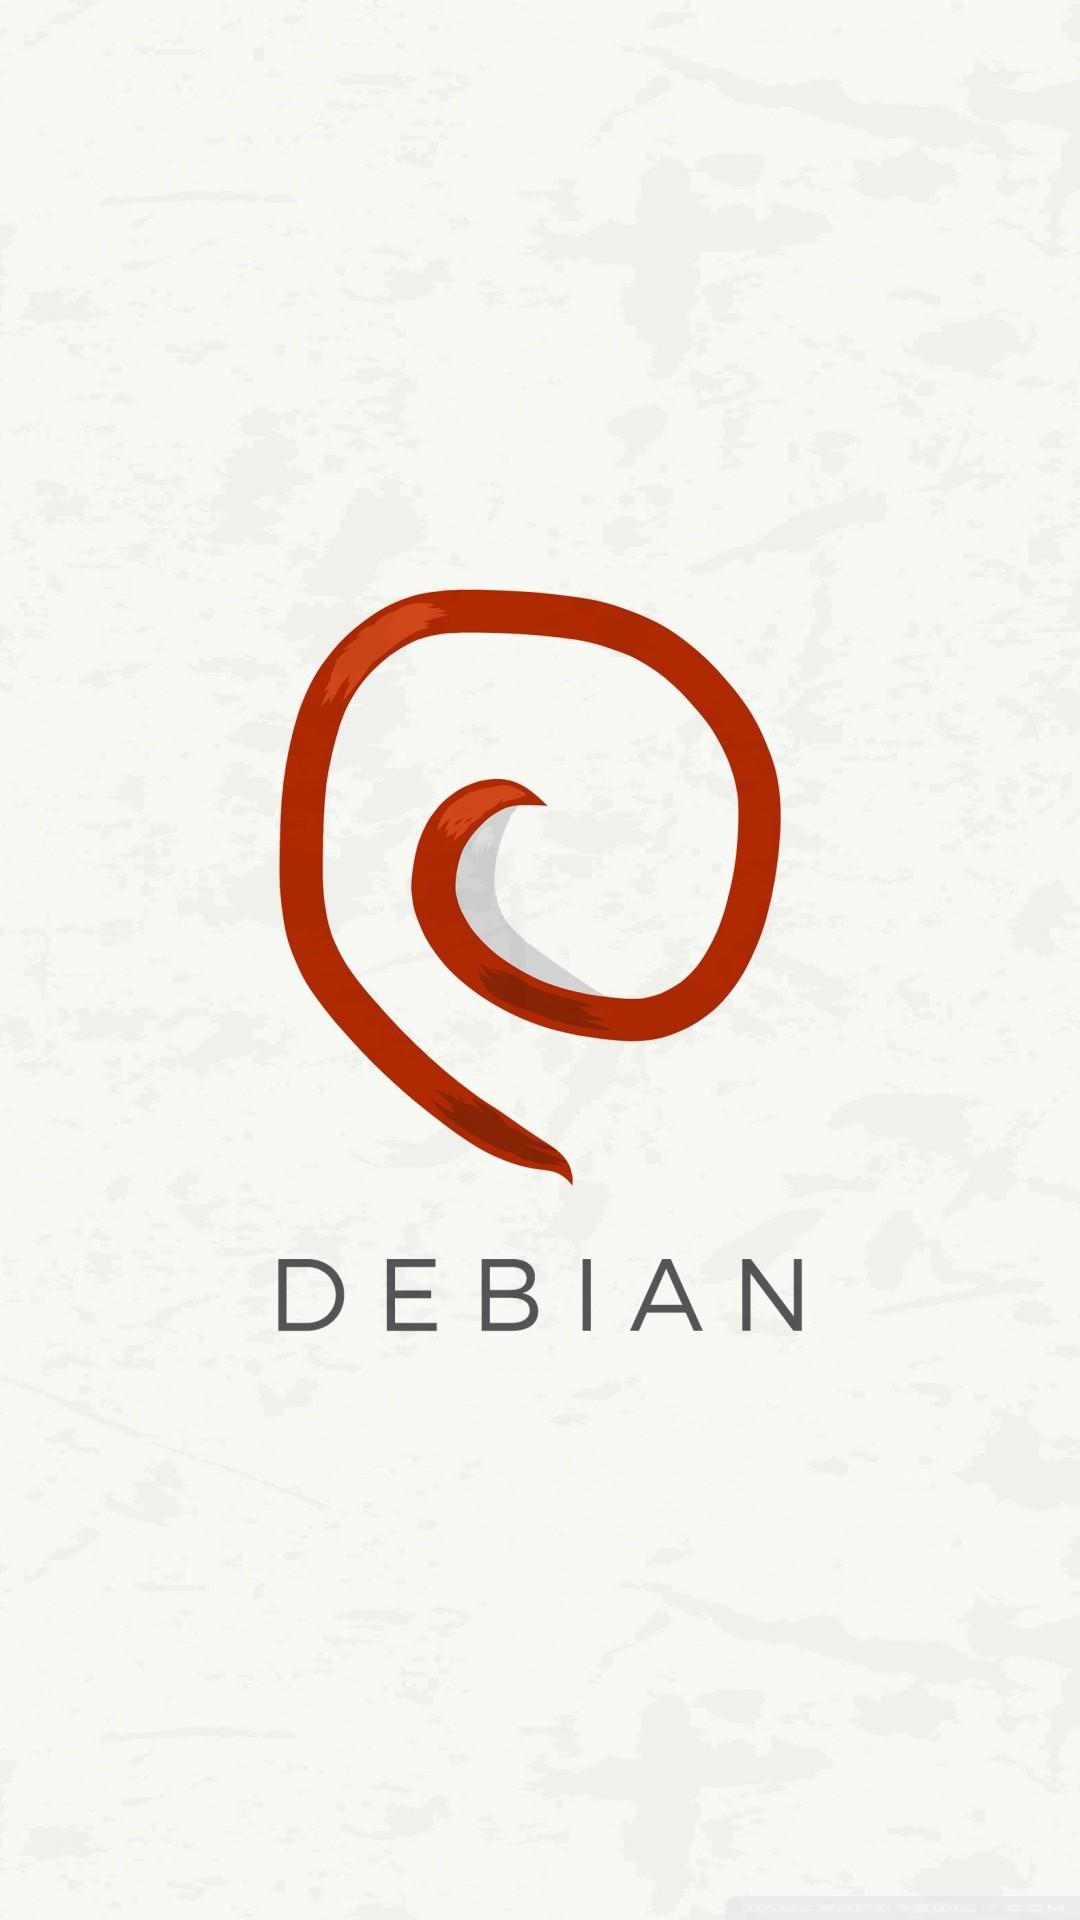 Free Debian - Fan phone wallpaper by kiihbk